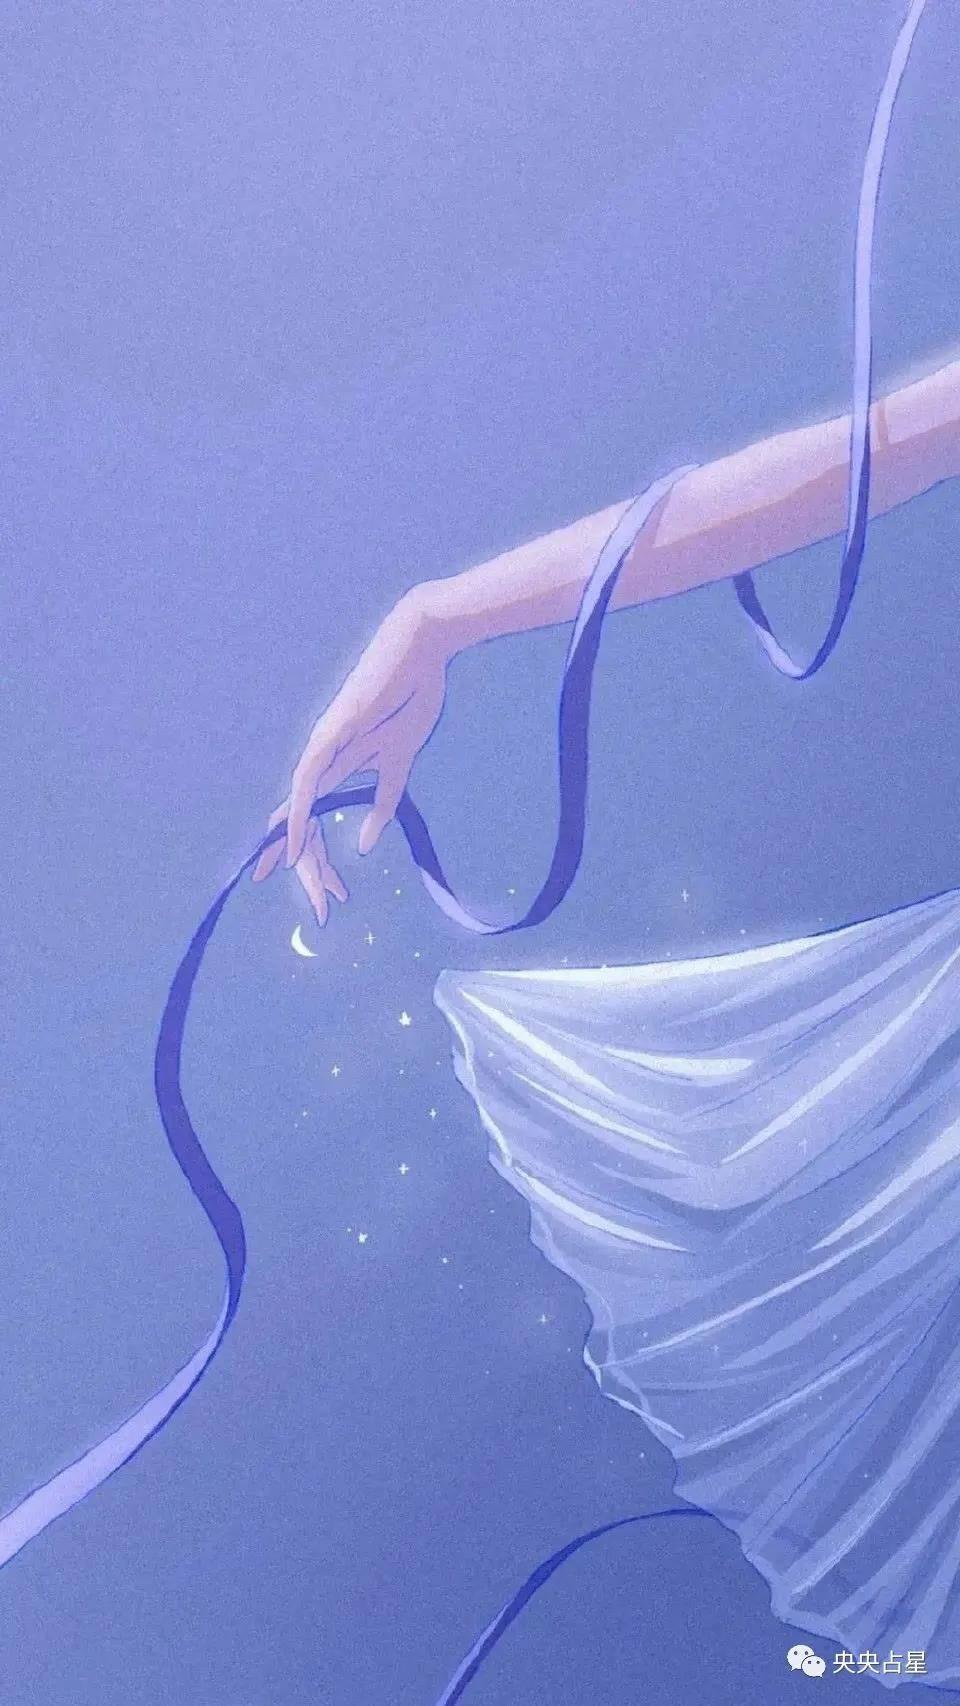 塔罗牌占卜:恋爱中,单身的,这个春天你的爱情运势如何?